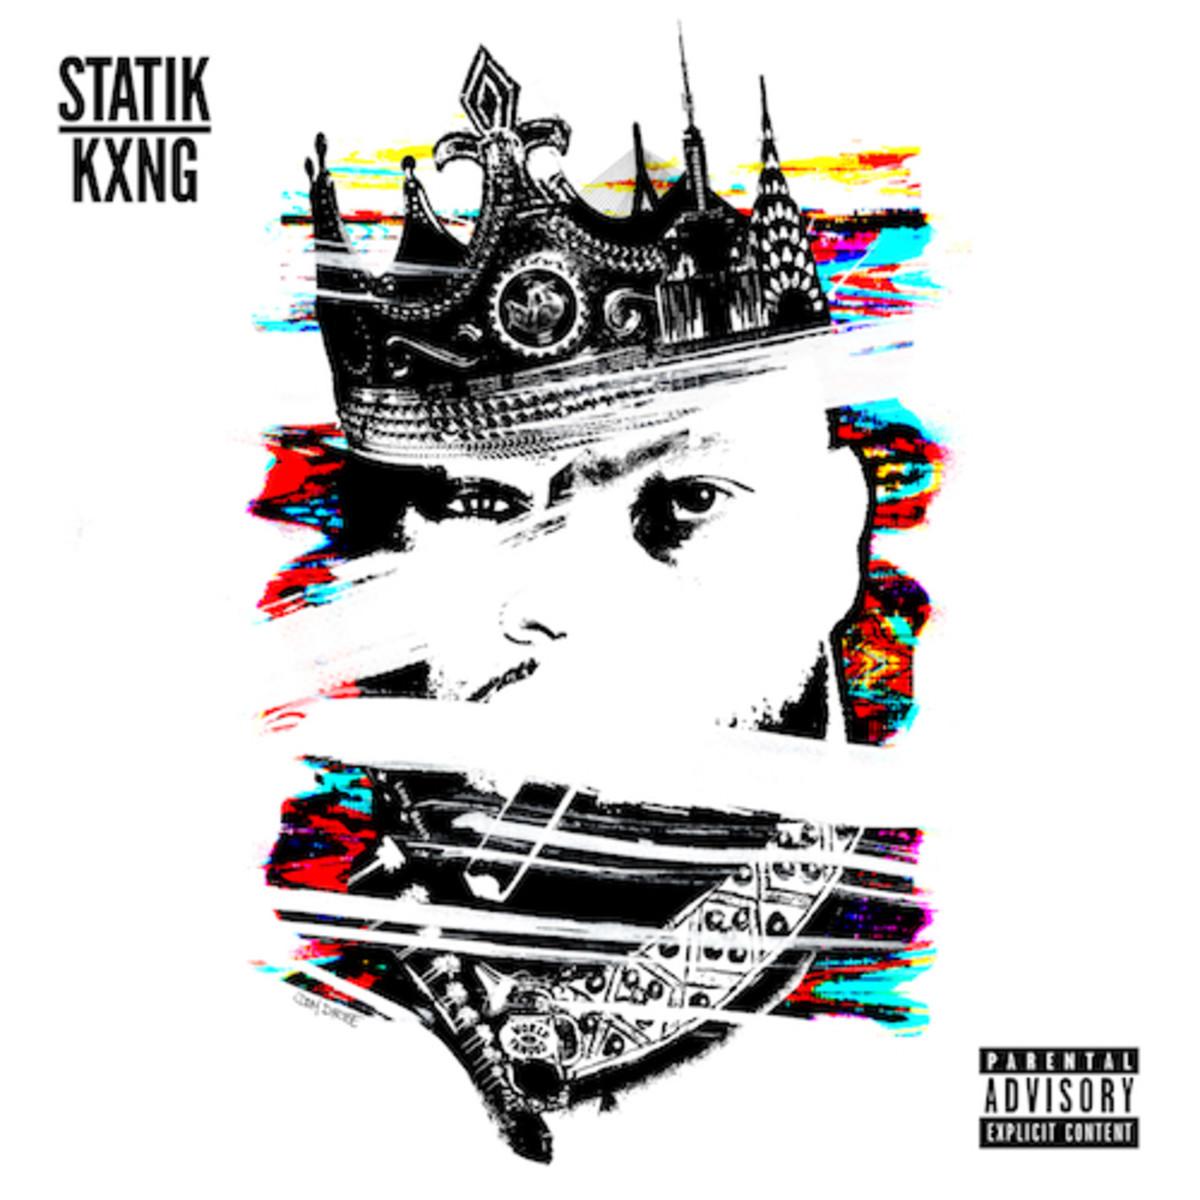 statik-kxng-statik-kxng.jpg